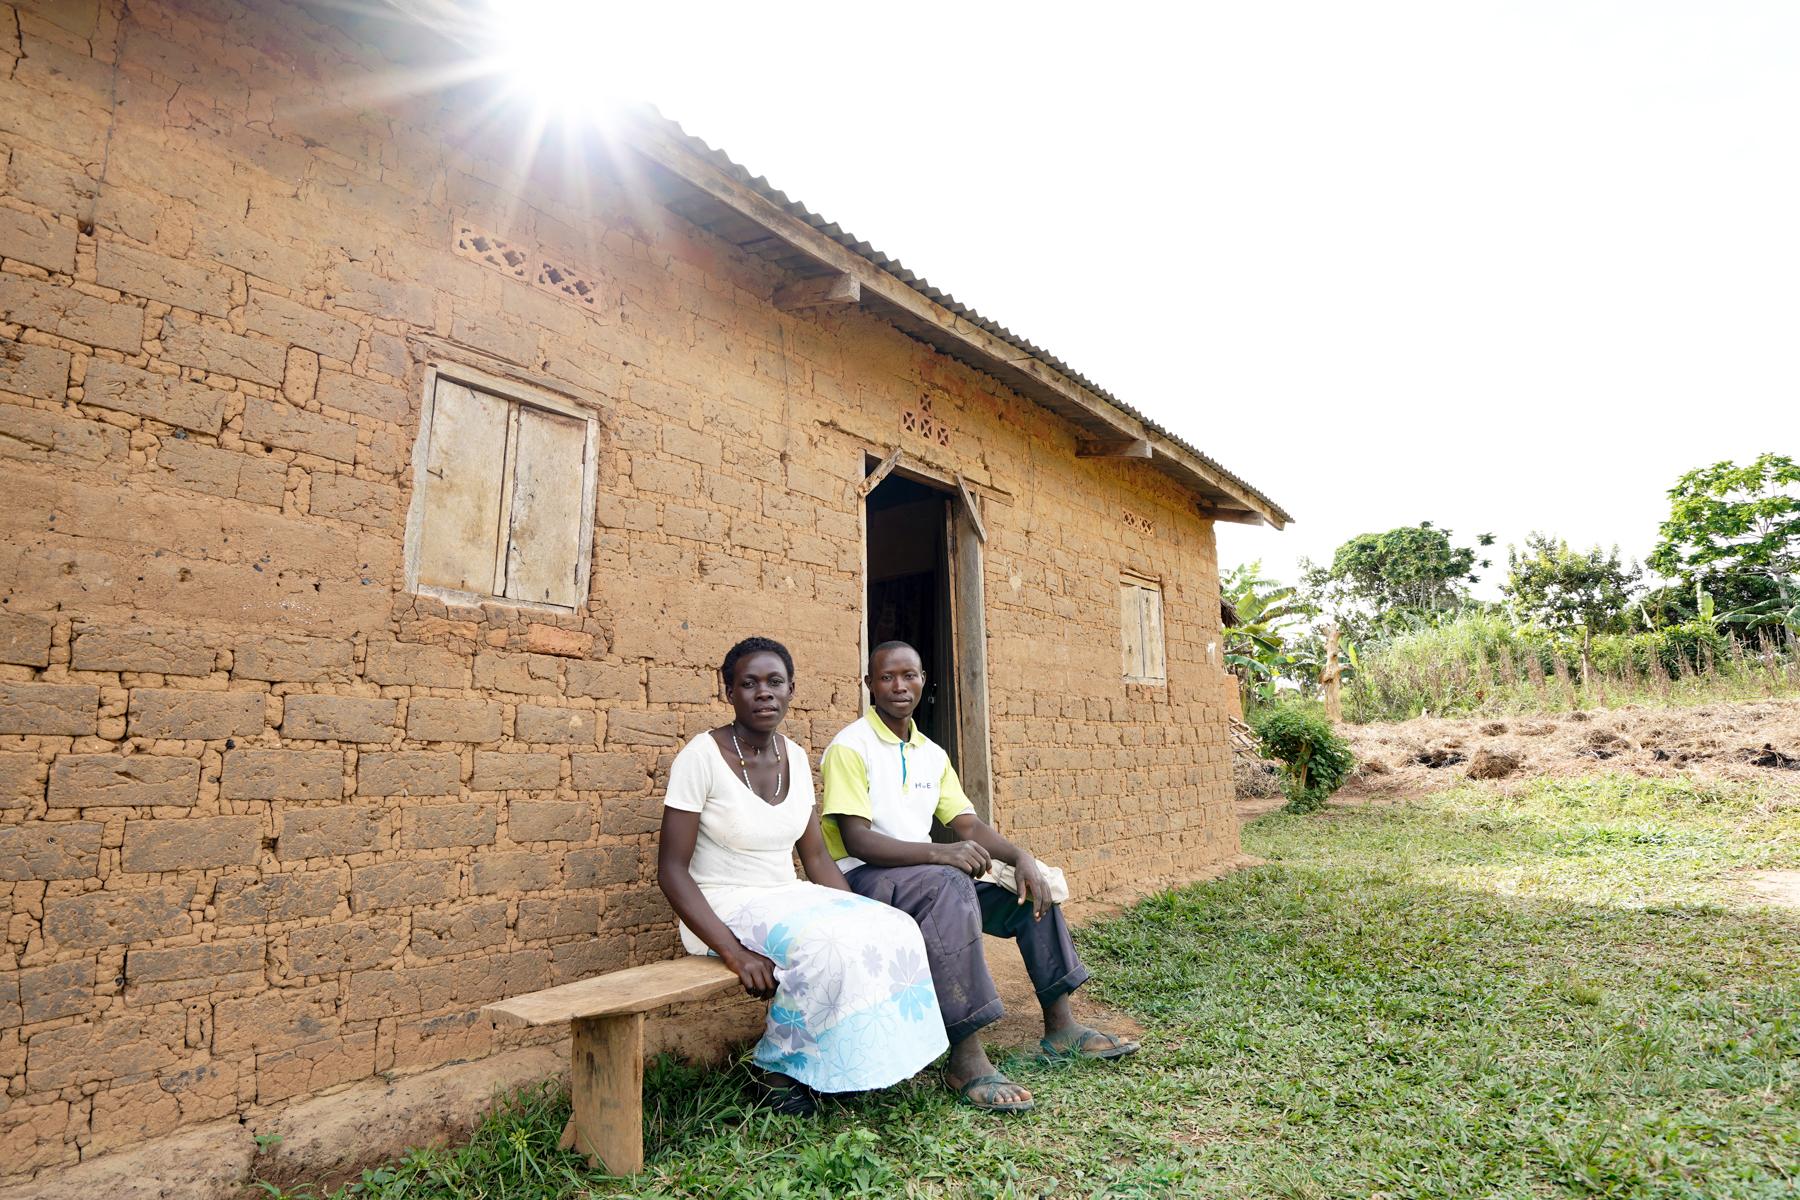 A couple sits outside their home on Zinga Island, Uganda